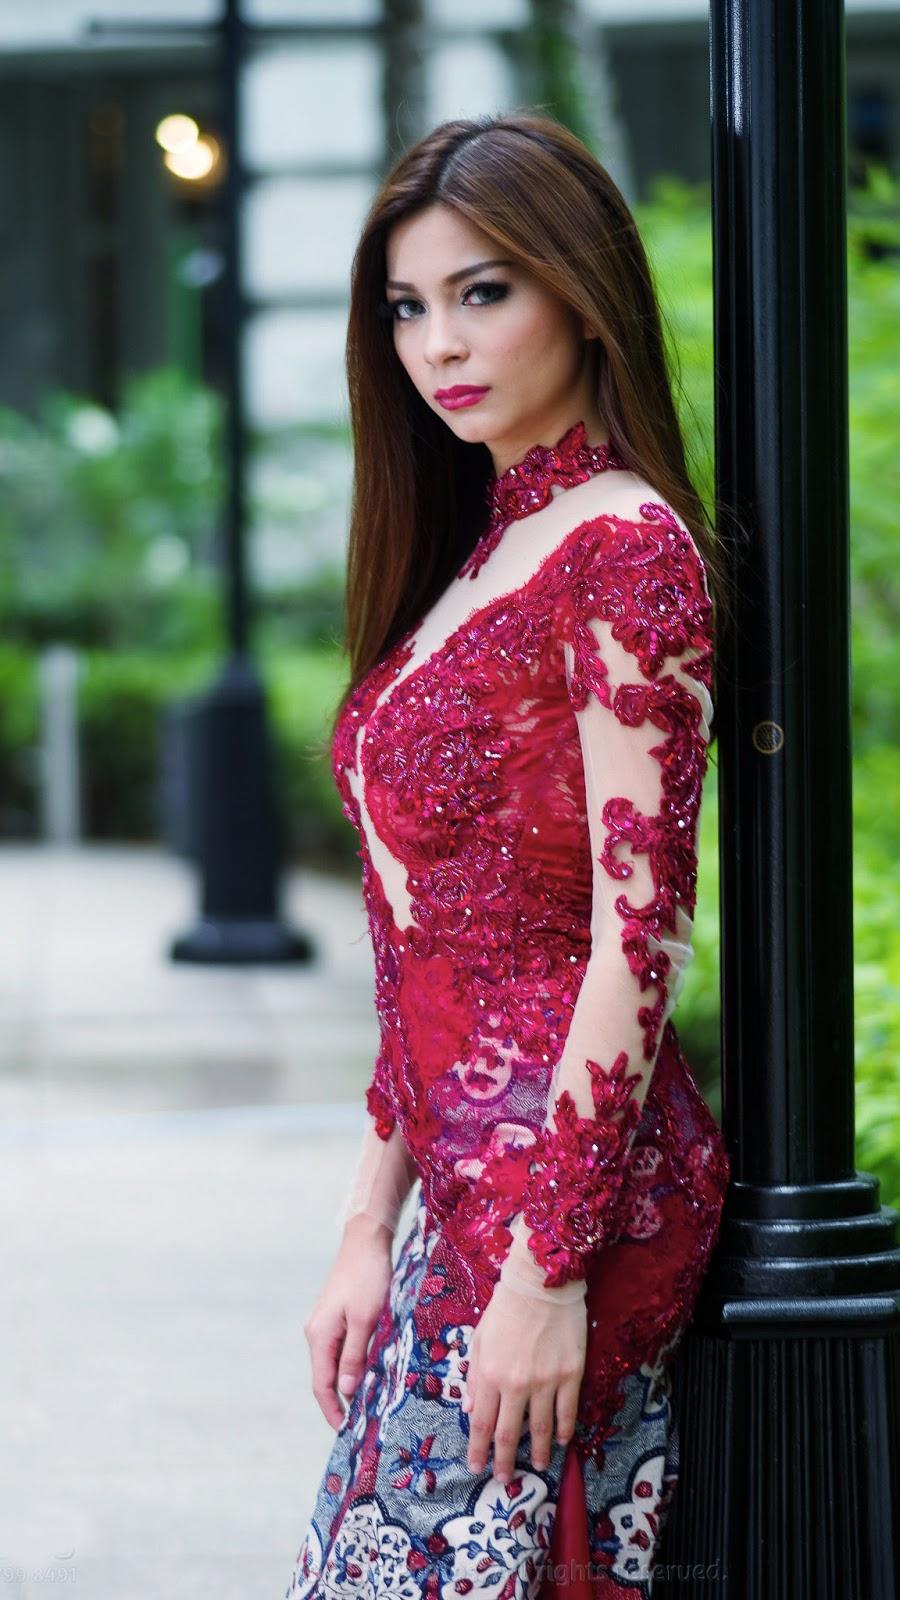 Wallpaper HD Presenter Sandra Olga cewek mansi Tradisional manis dan imtu seksi hot